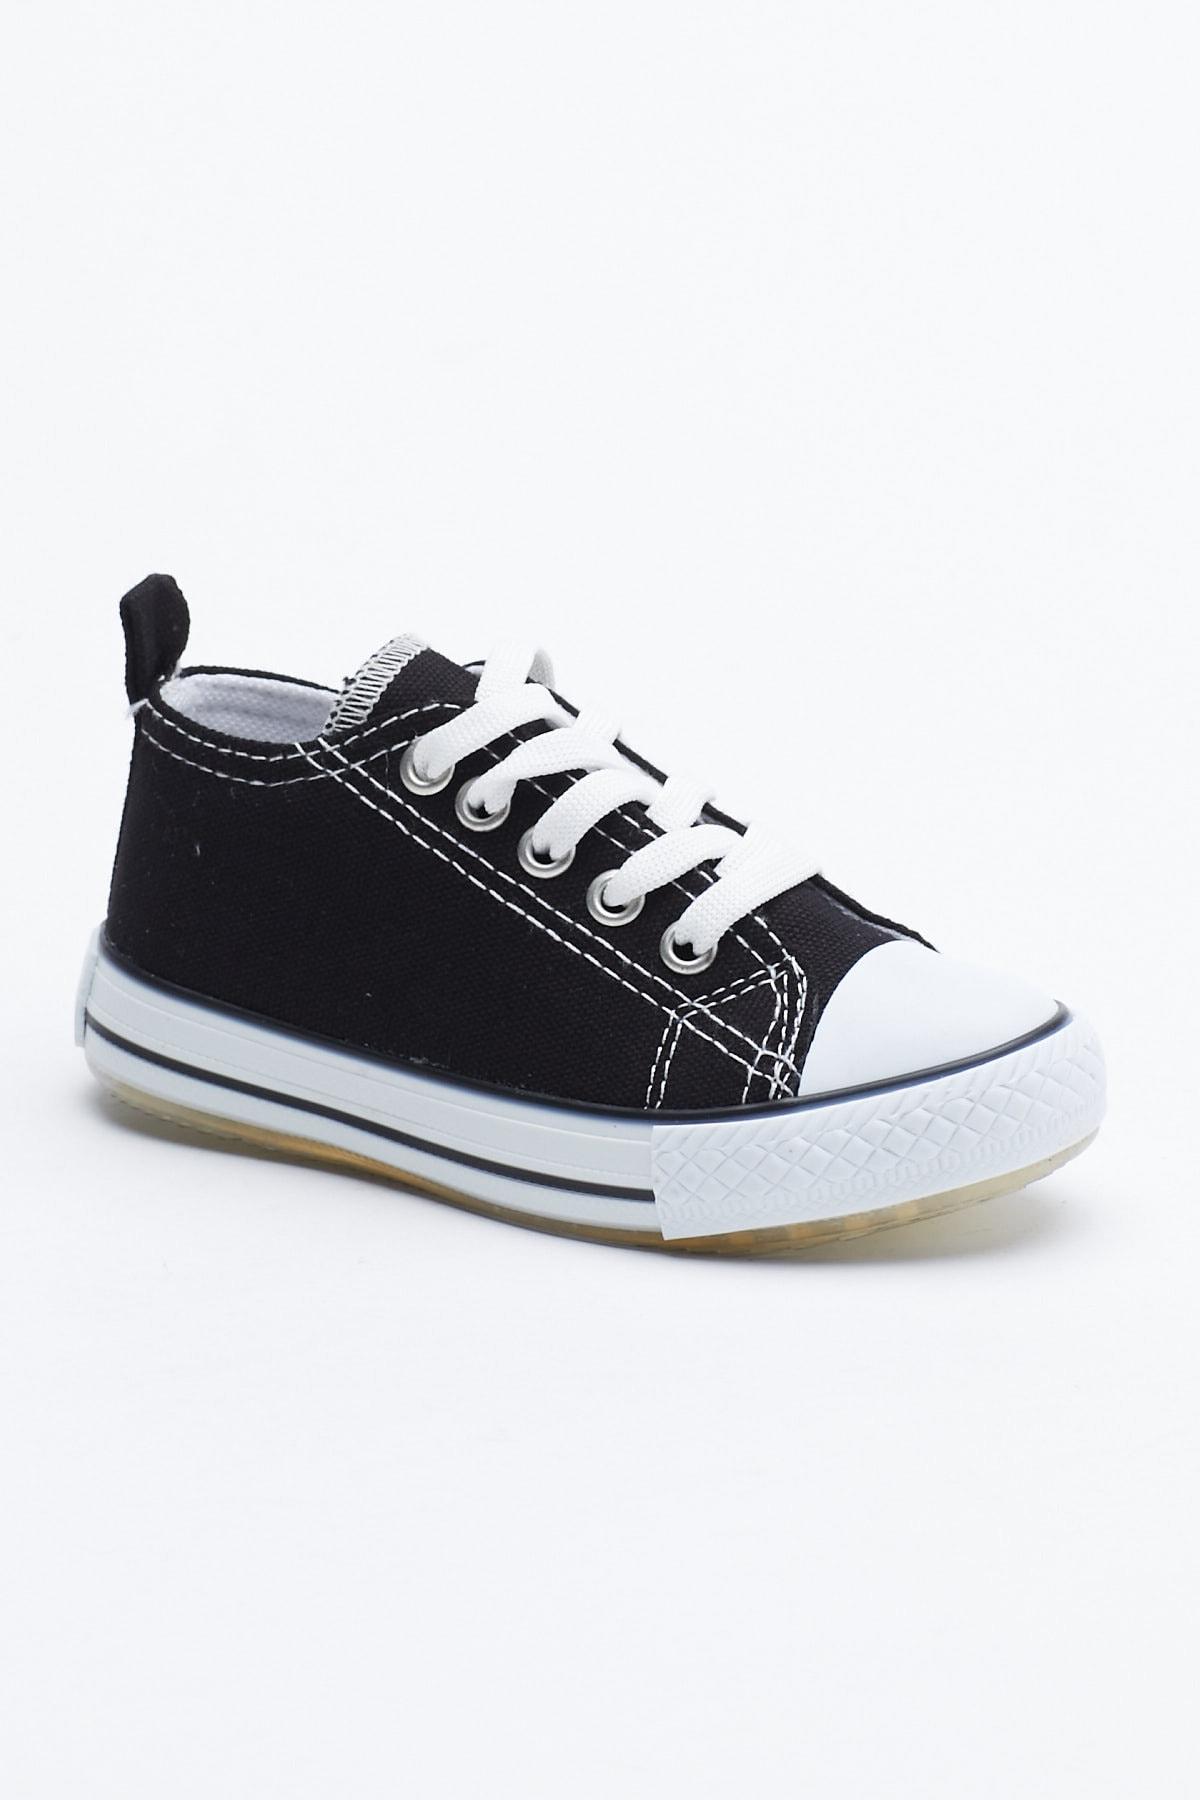 Tonny Black Siyah Çocuk Spor Ayakkabı Tb998 0